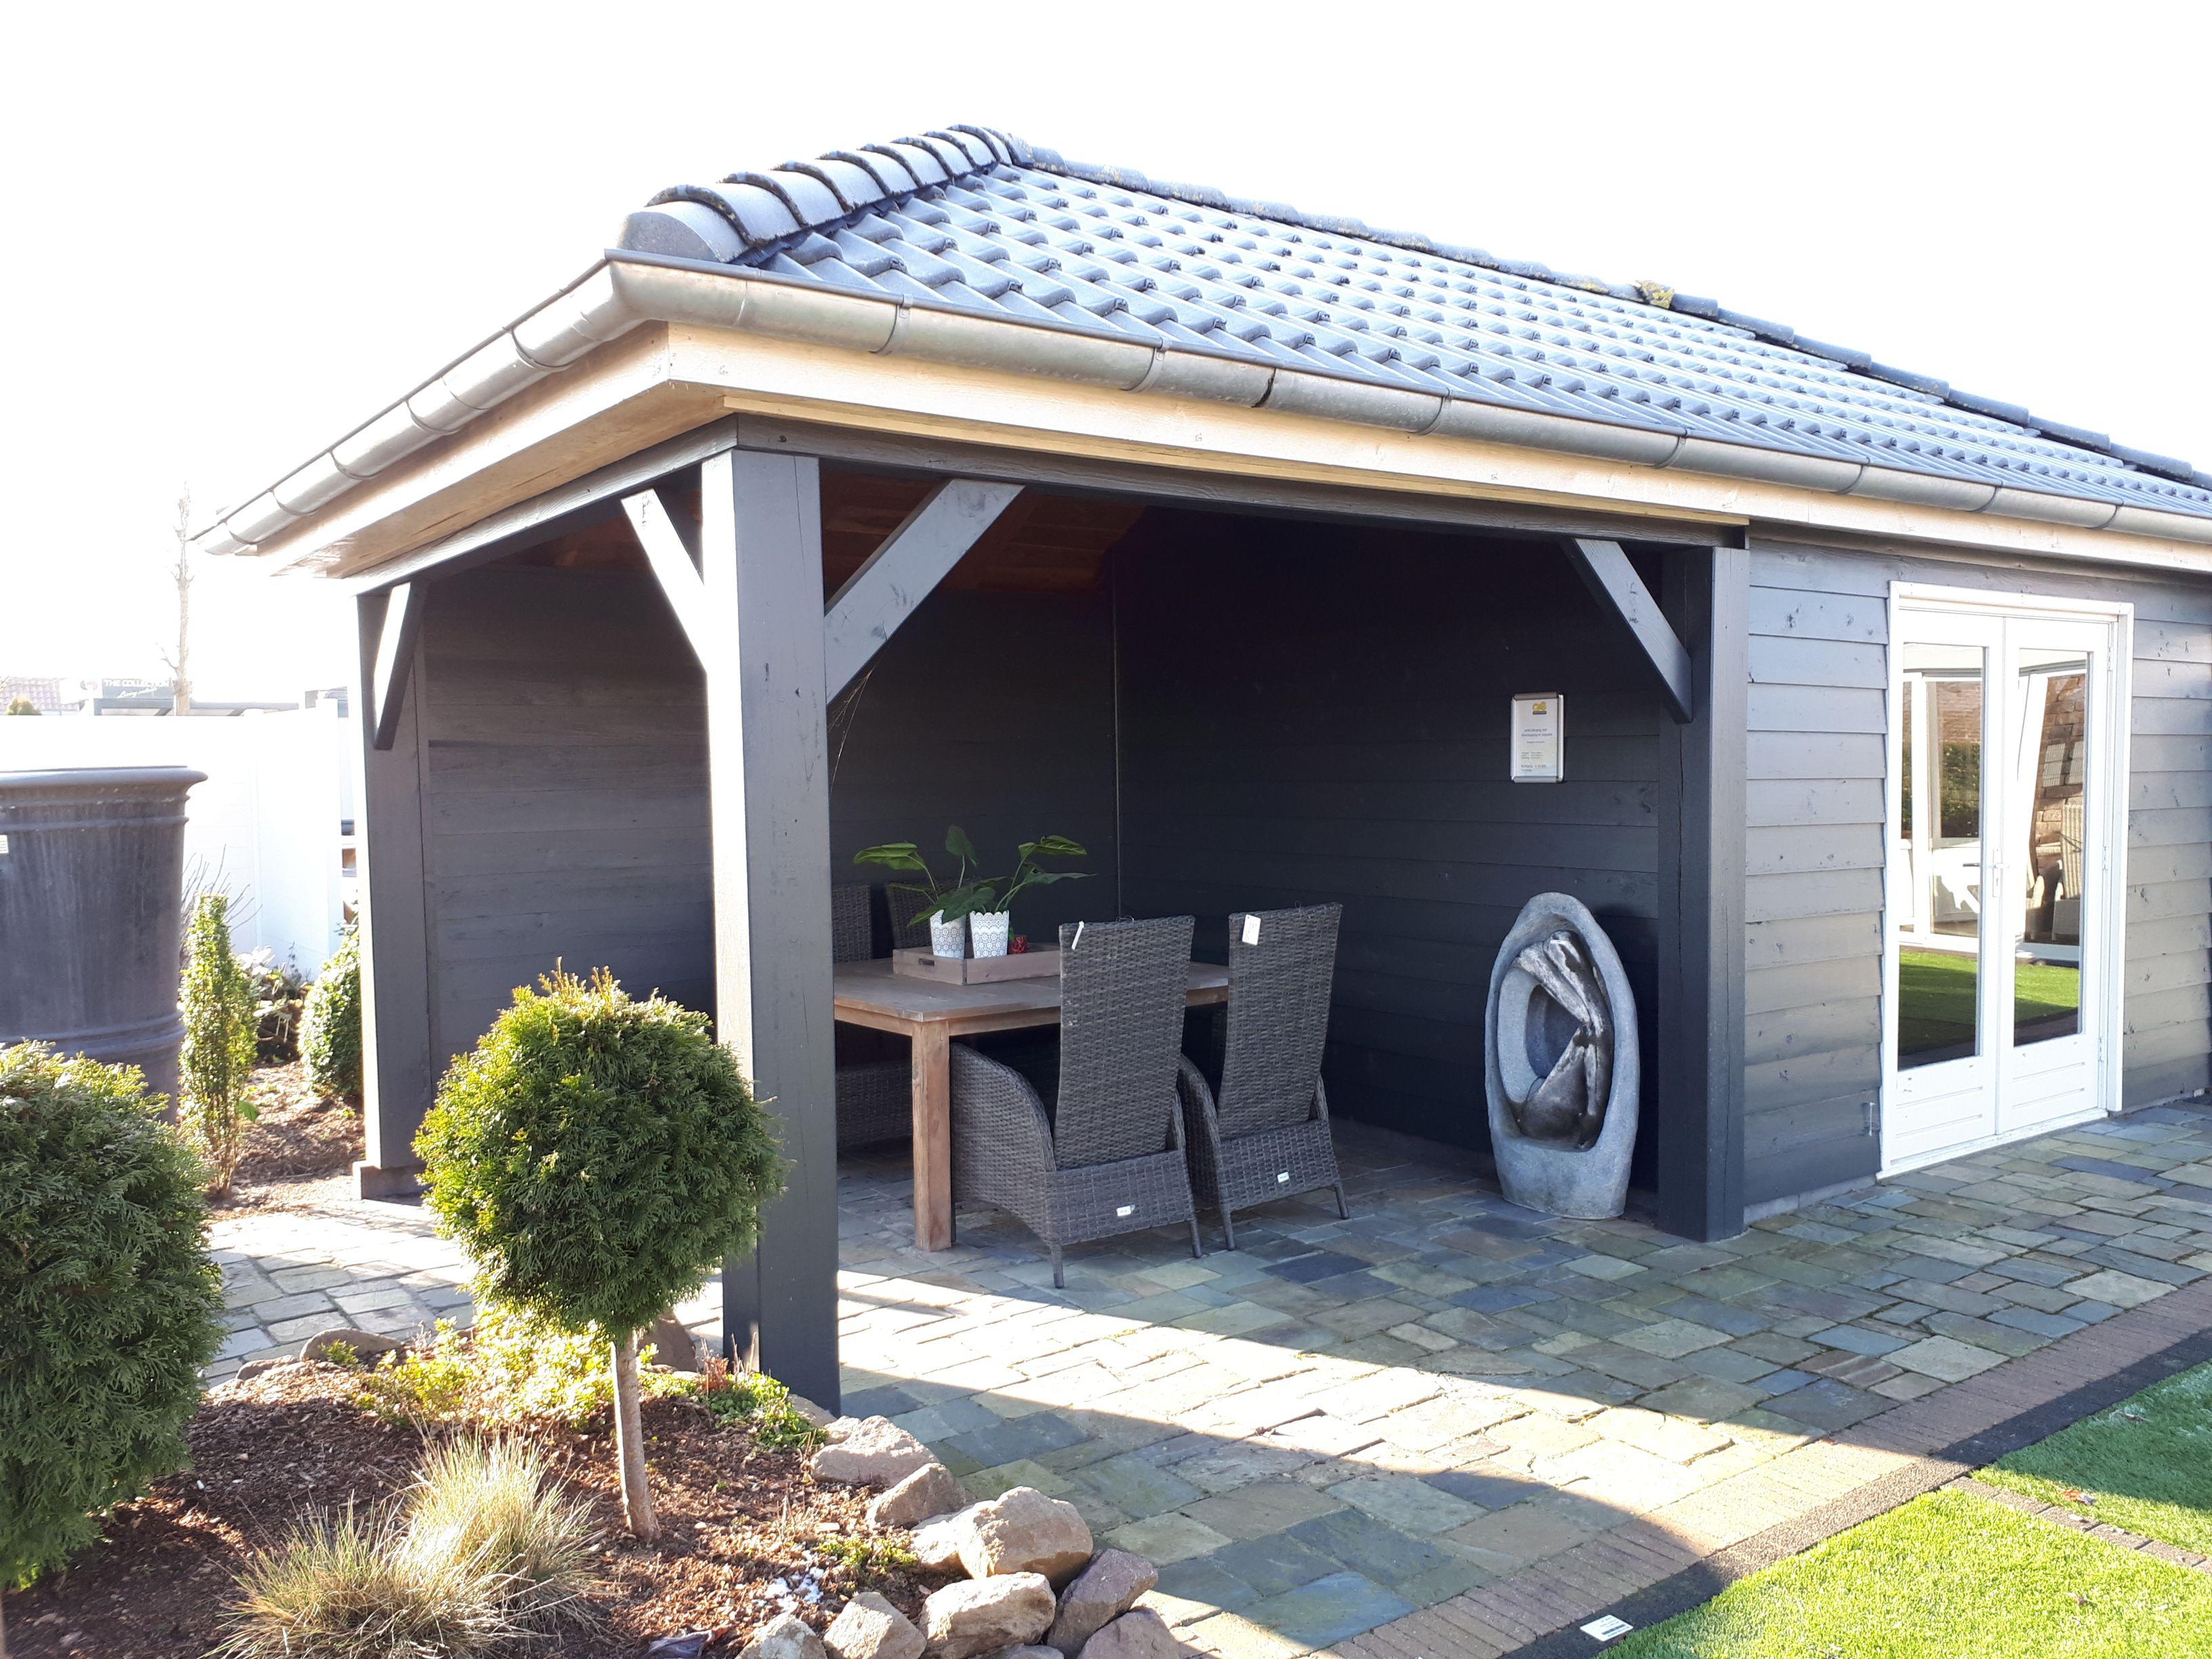 Exklusives und modernes Gartenhaus mit Überdachung mit